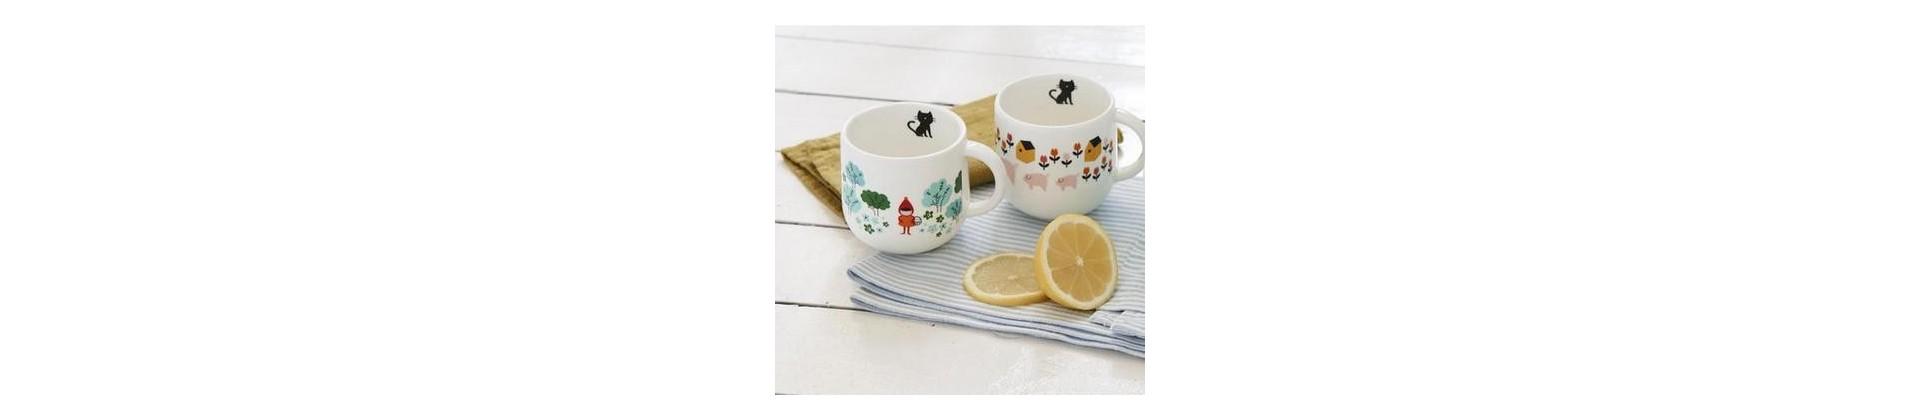 Vaisselle originale pour enfant : assiettes, couverts, mugs design